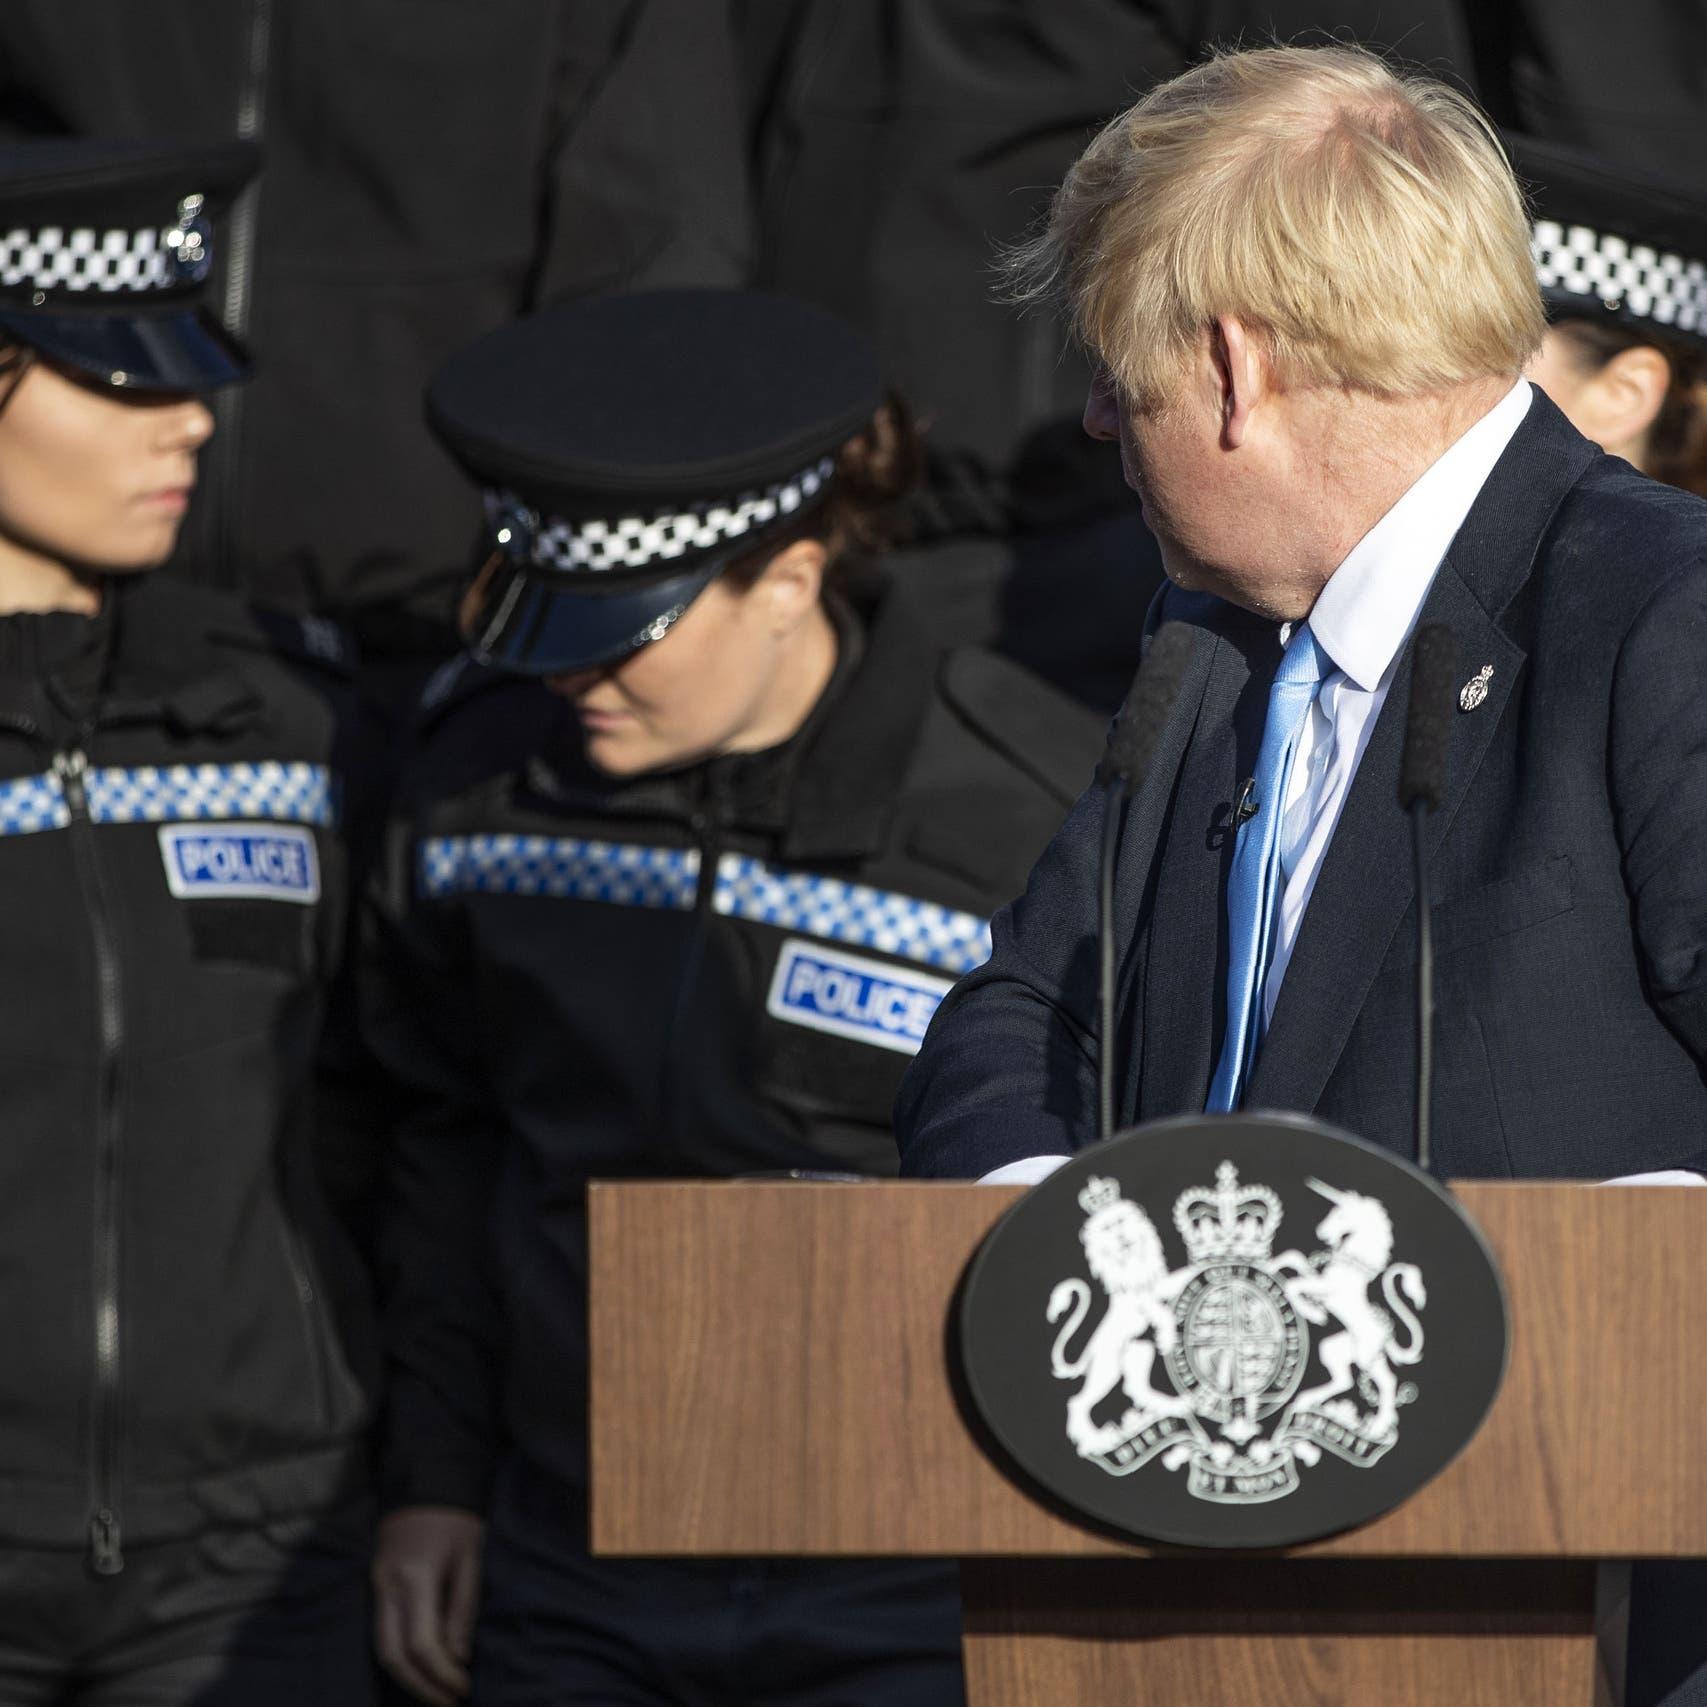 شاهد شرطية يغمى عليها.. ورئيس وزراء بريطانيا يكمل خطابه